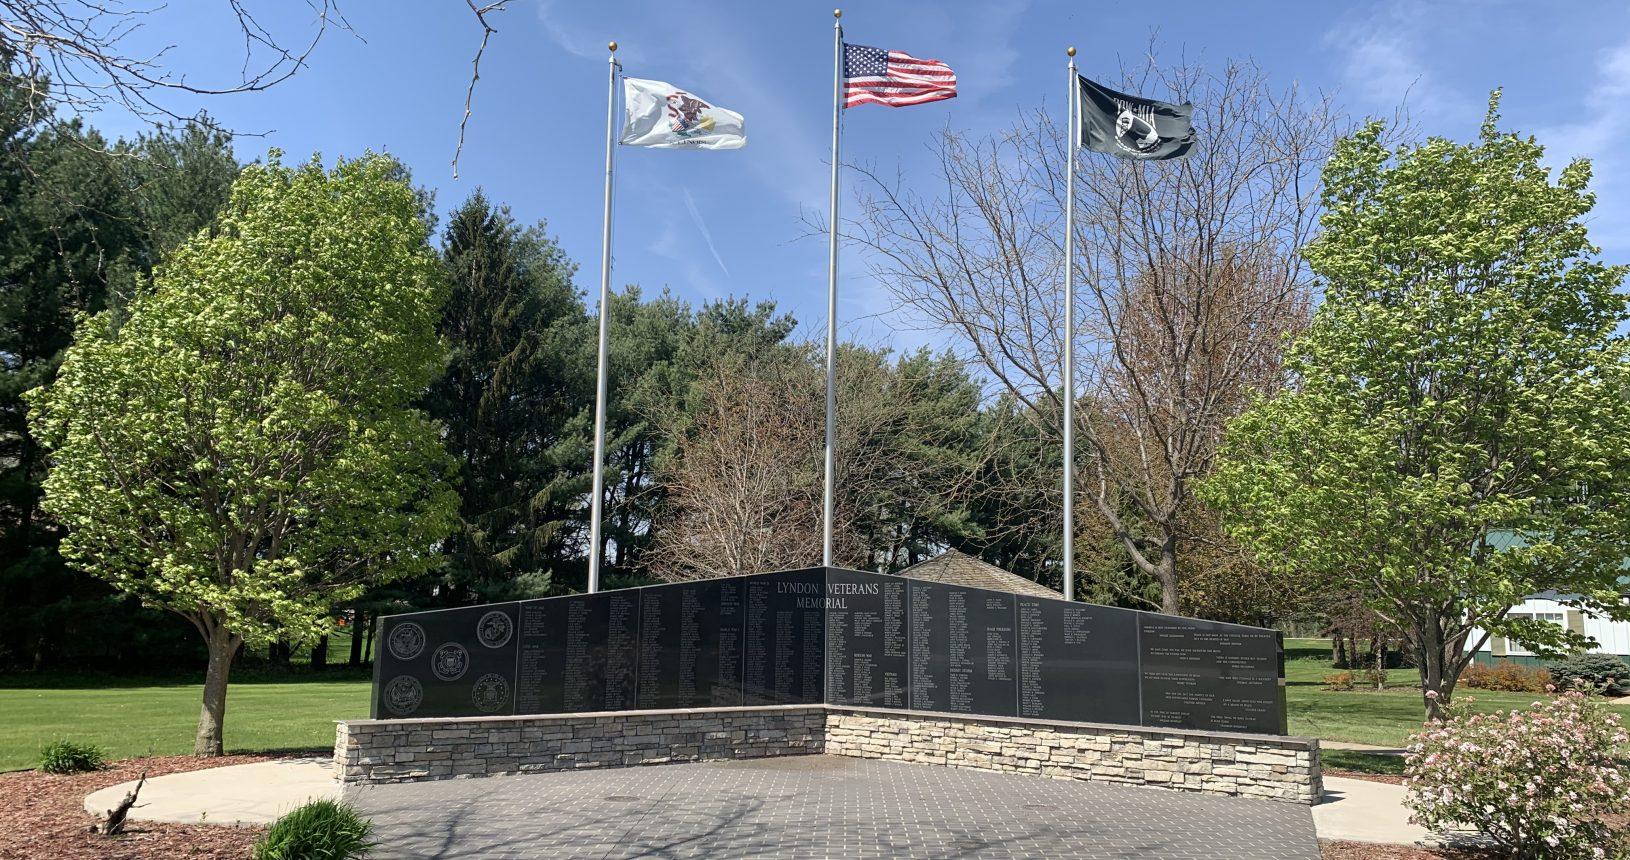 lyndon veterans memorial